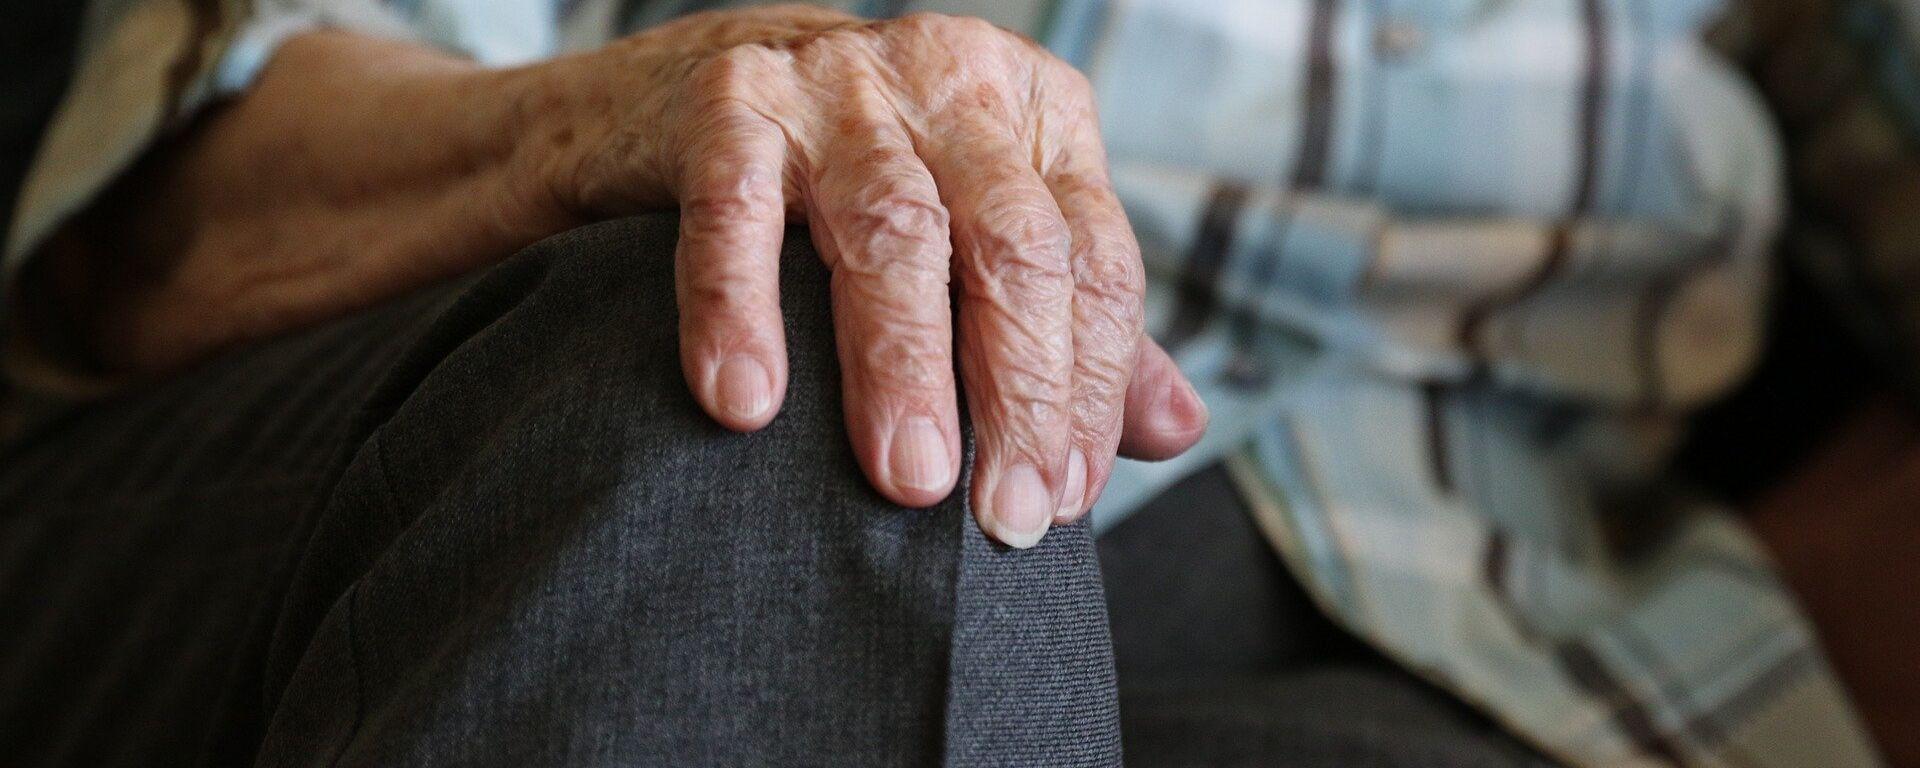 Las manos de una persona mayor - Sputnik Mundo, 1920, 02.02.2021